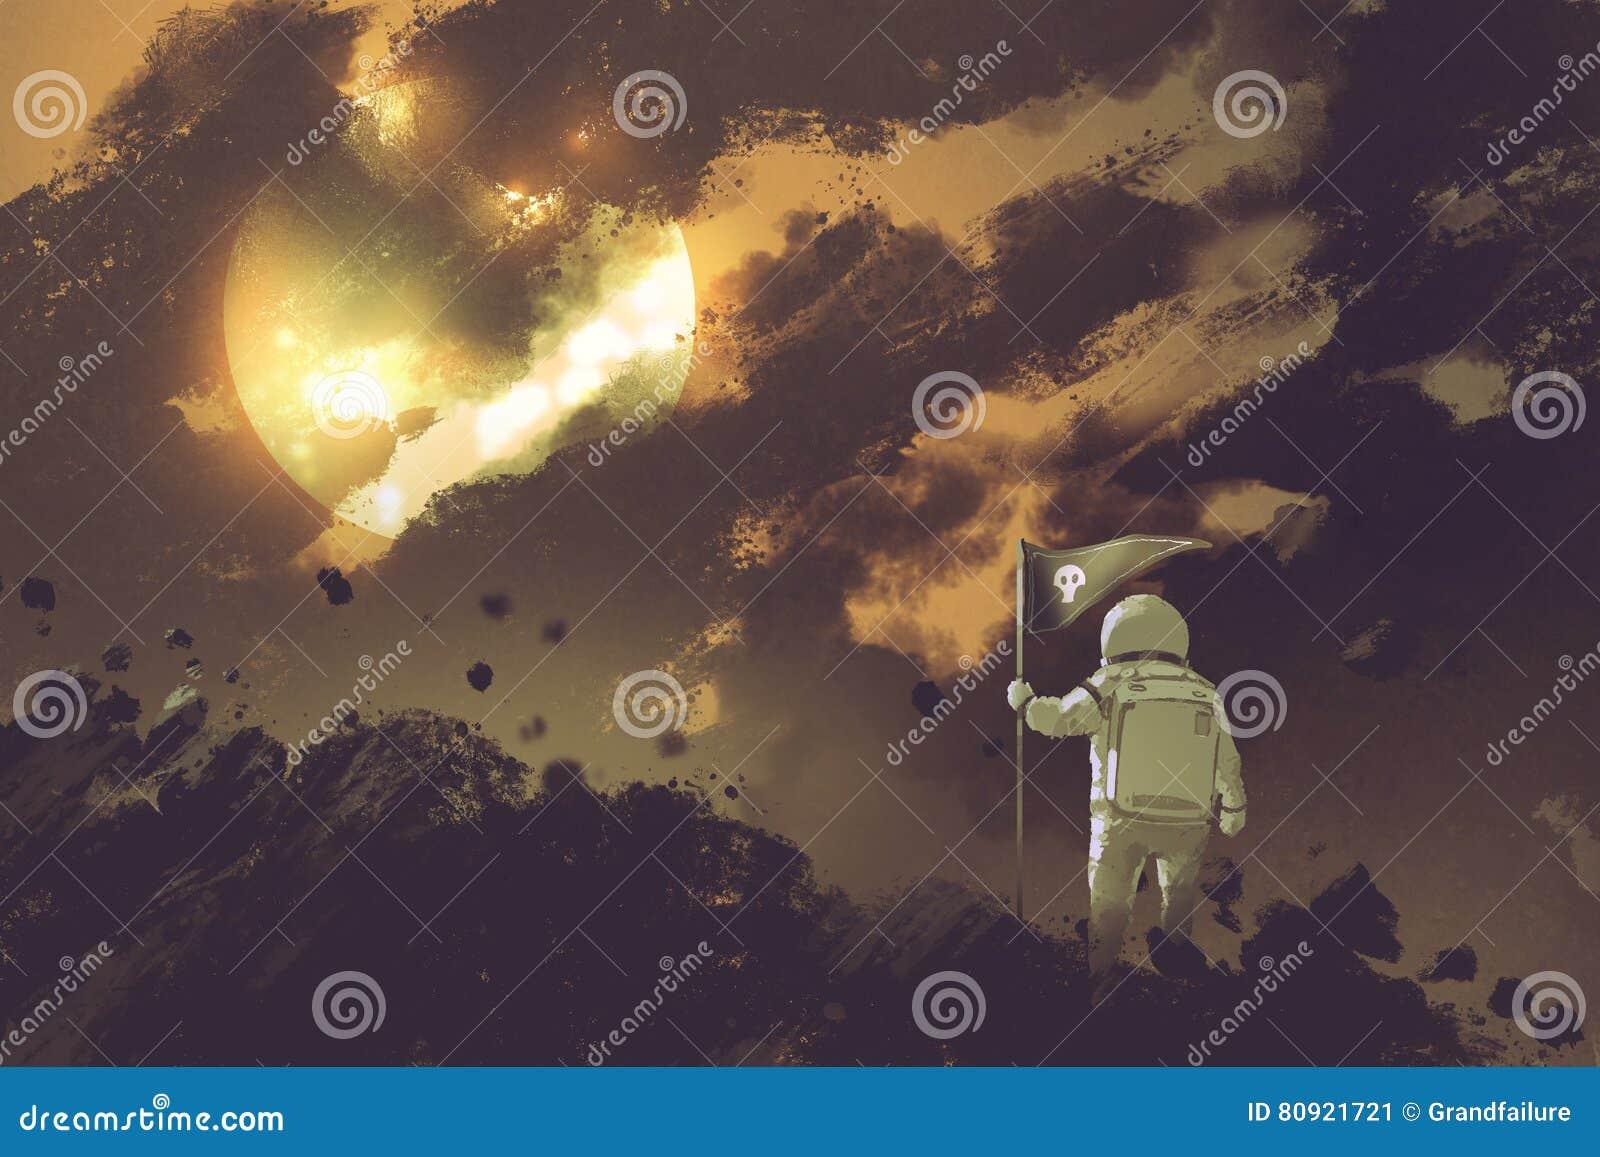 Αστροναύτης με μια σημαία που στέκεται στο βουνό ενάντια σε έναν νεφελώδη ουρανό